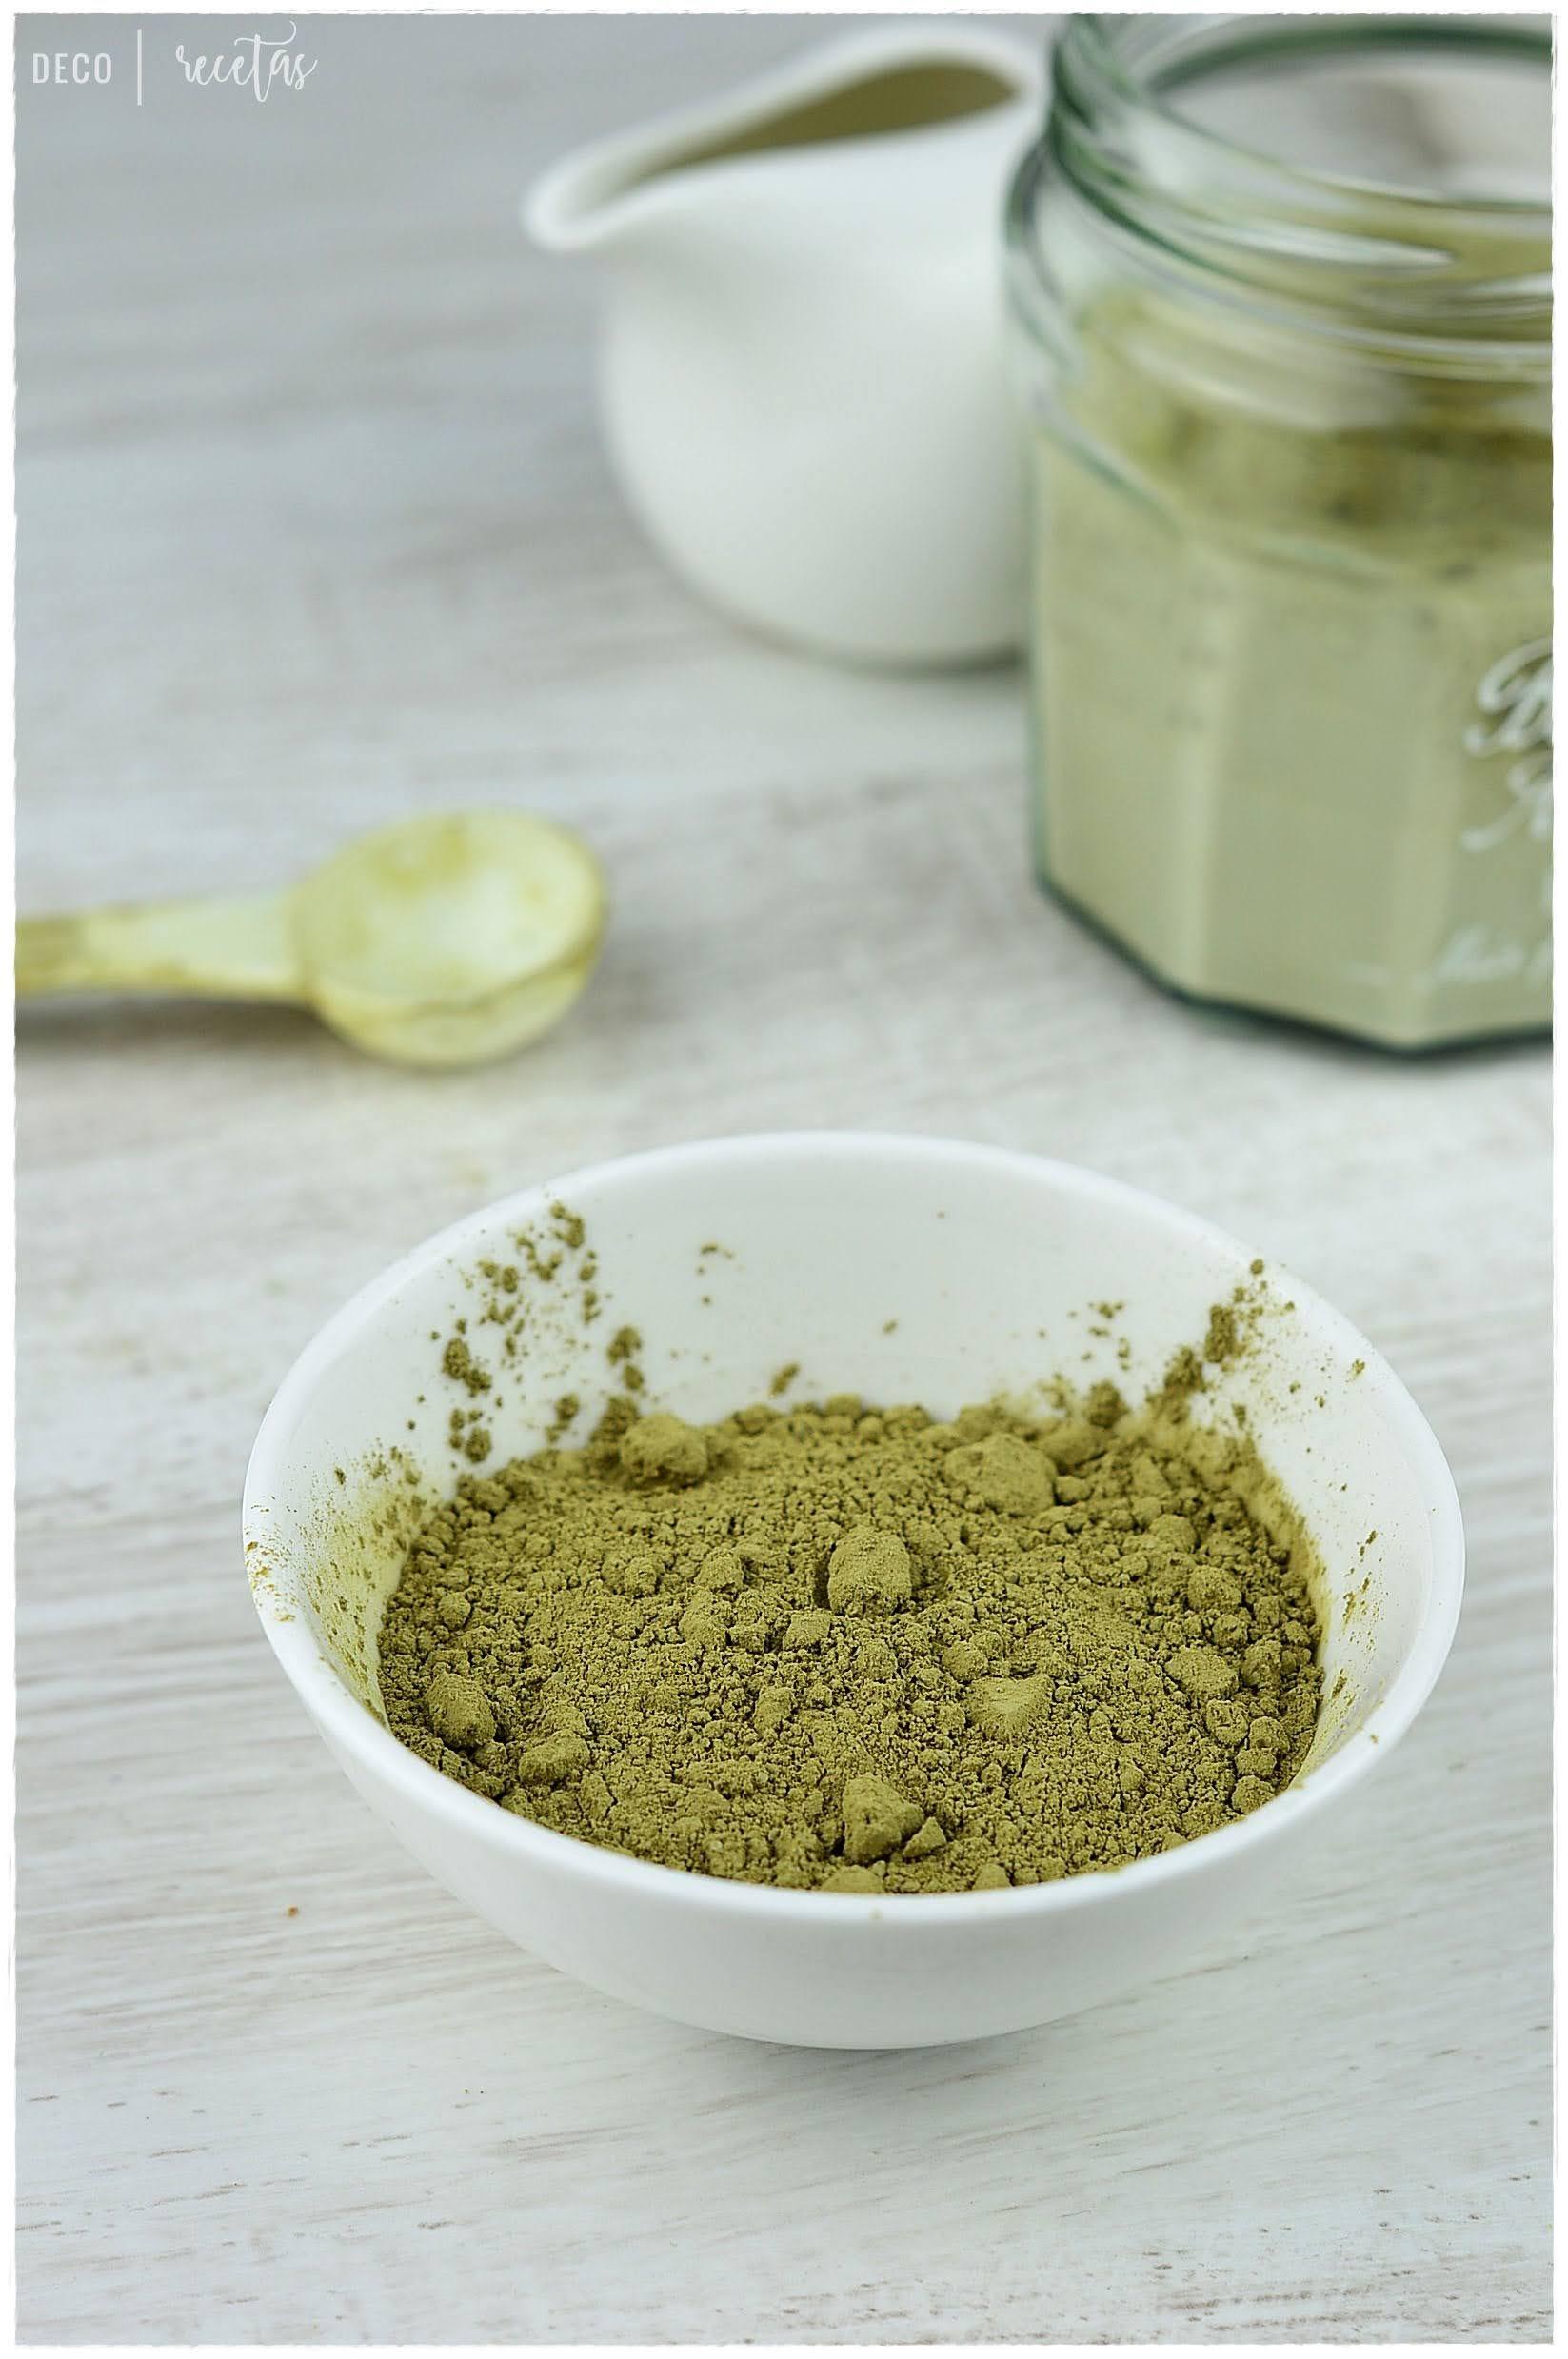 preparacion del te matcha como preparar te matcha te verde en mercadona comprar te matcha